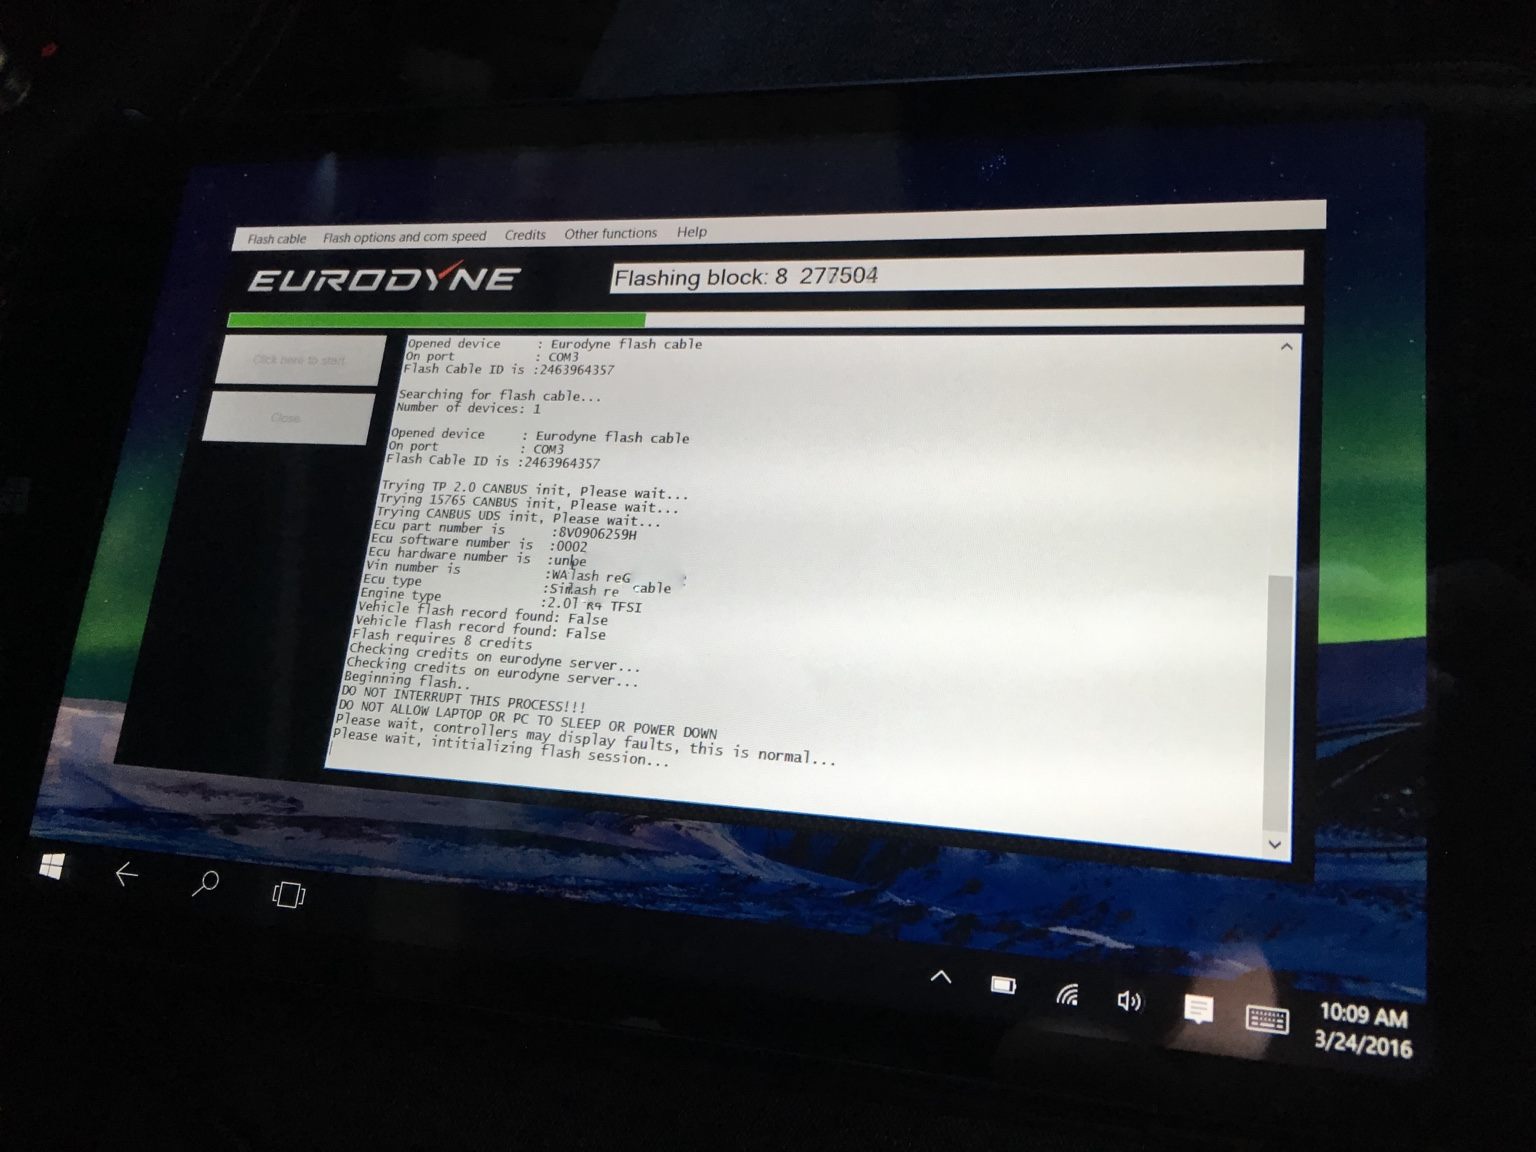 Eurodyne just released their unlocked flash kit for 2016